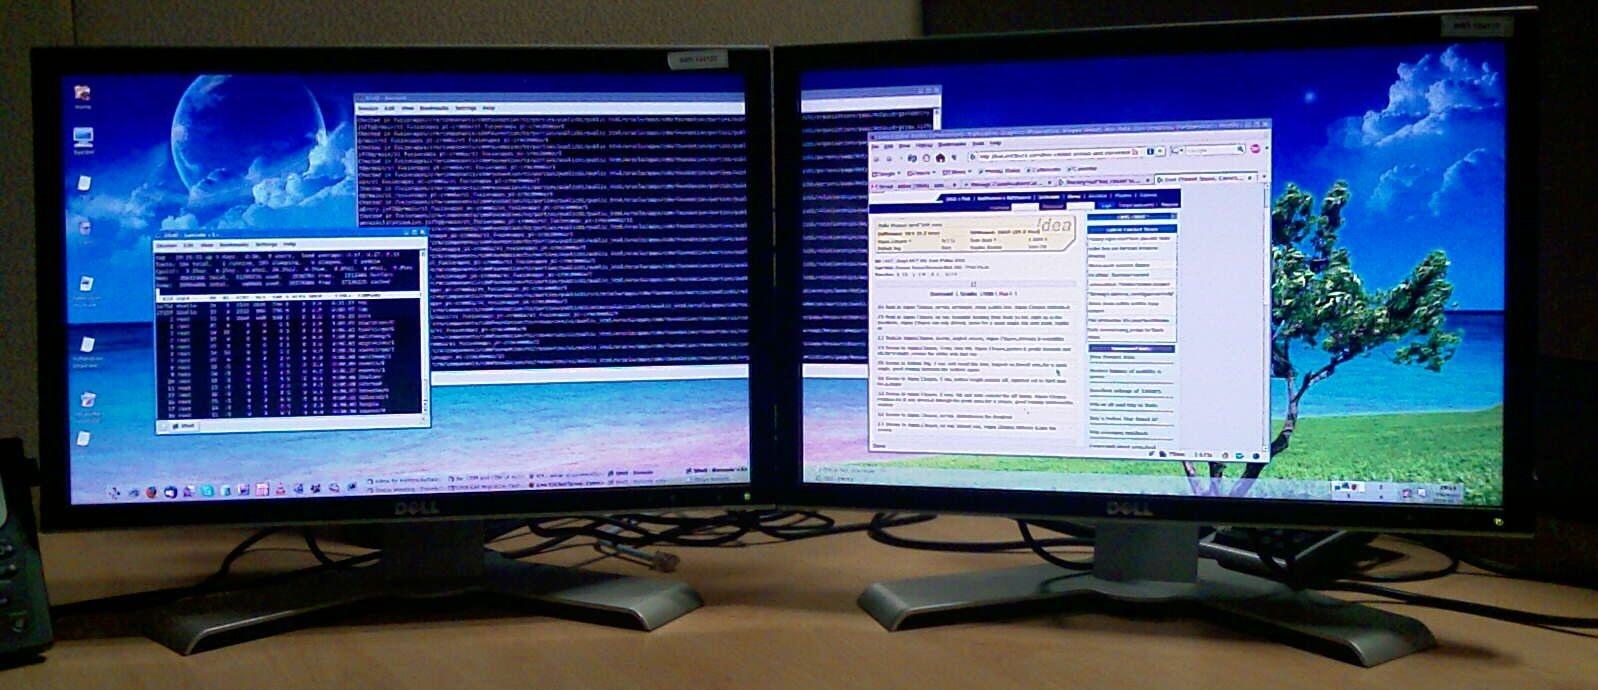 Как подключить второй монитор в Windows